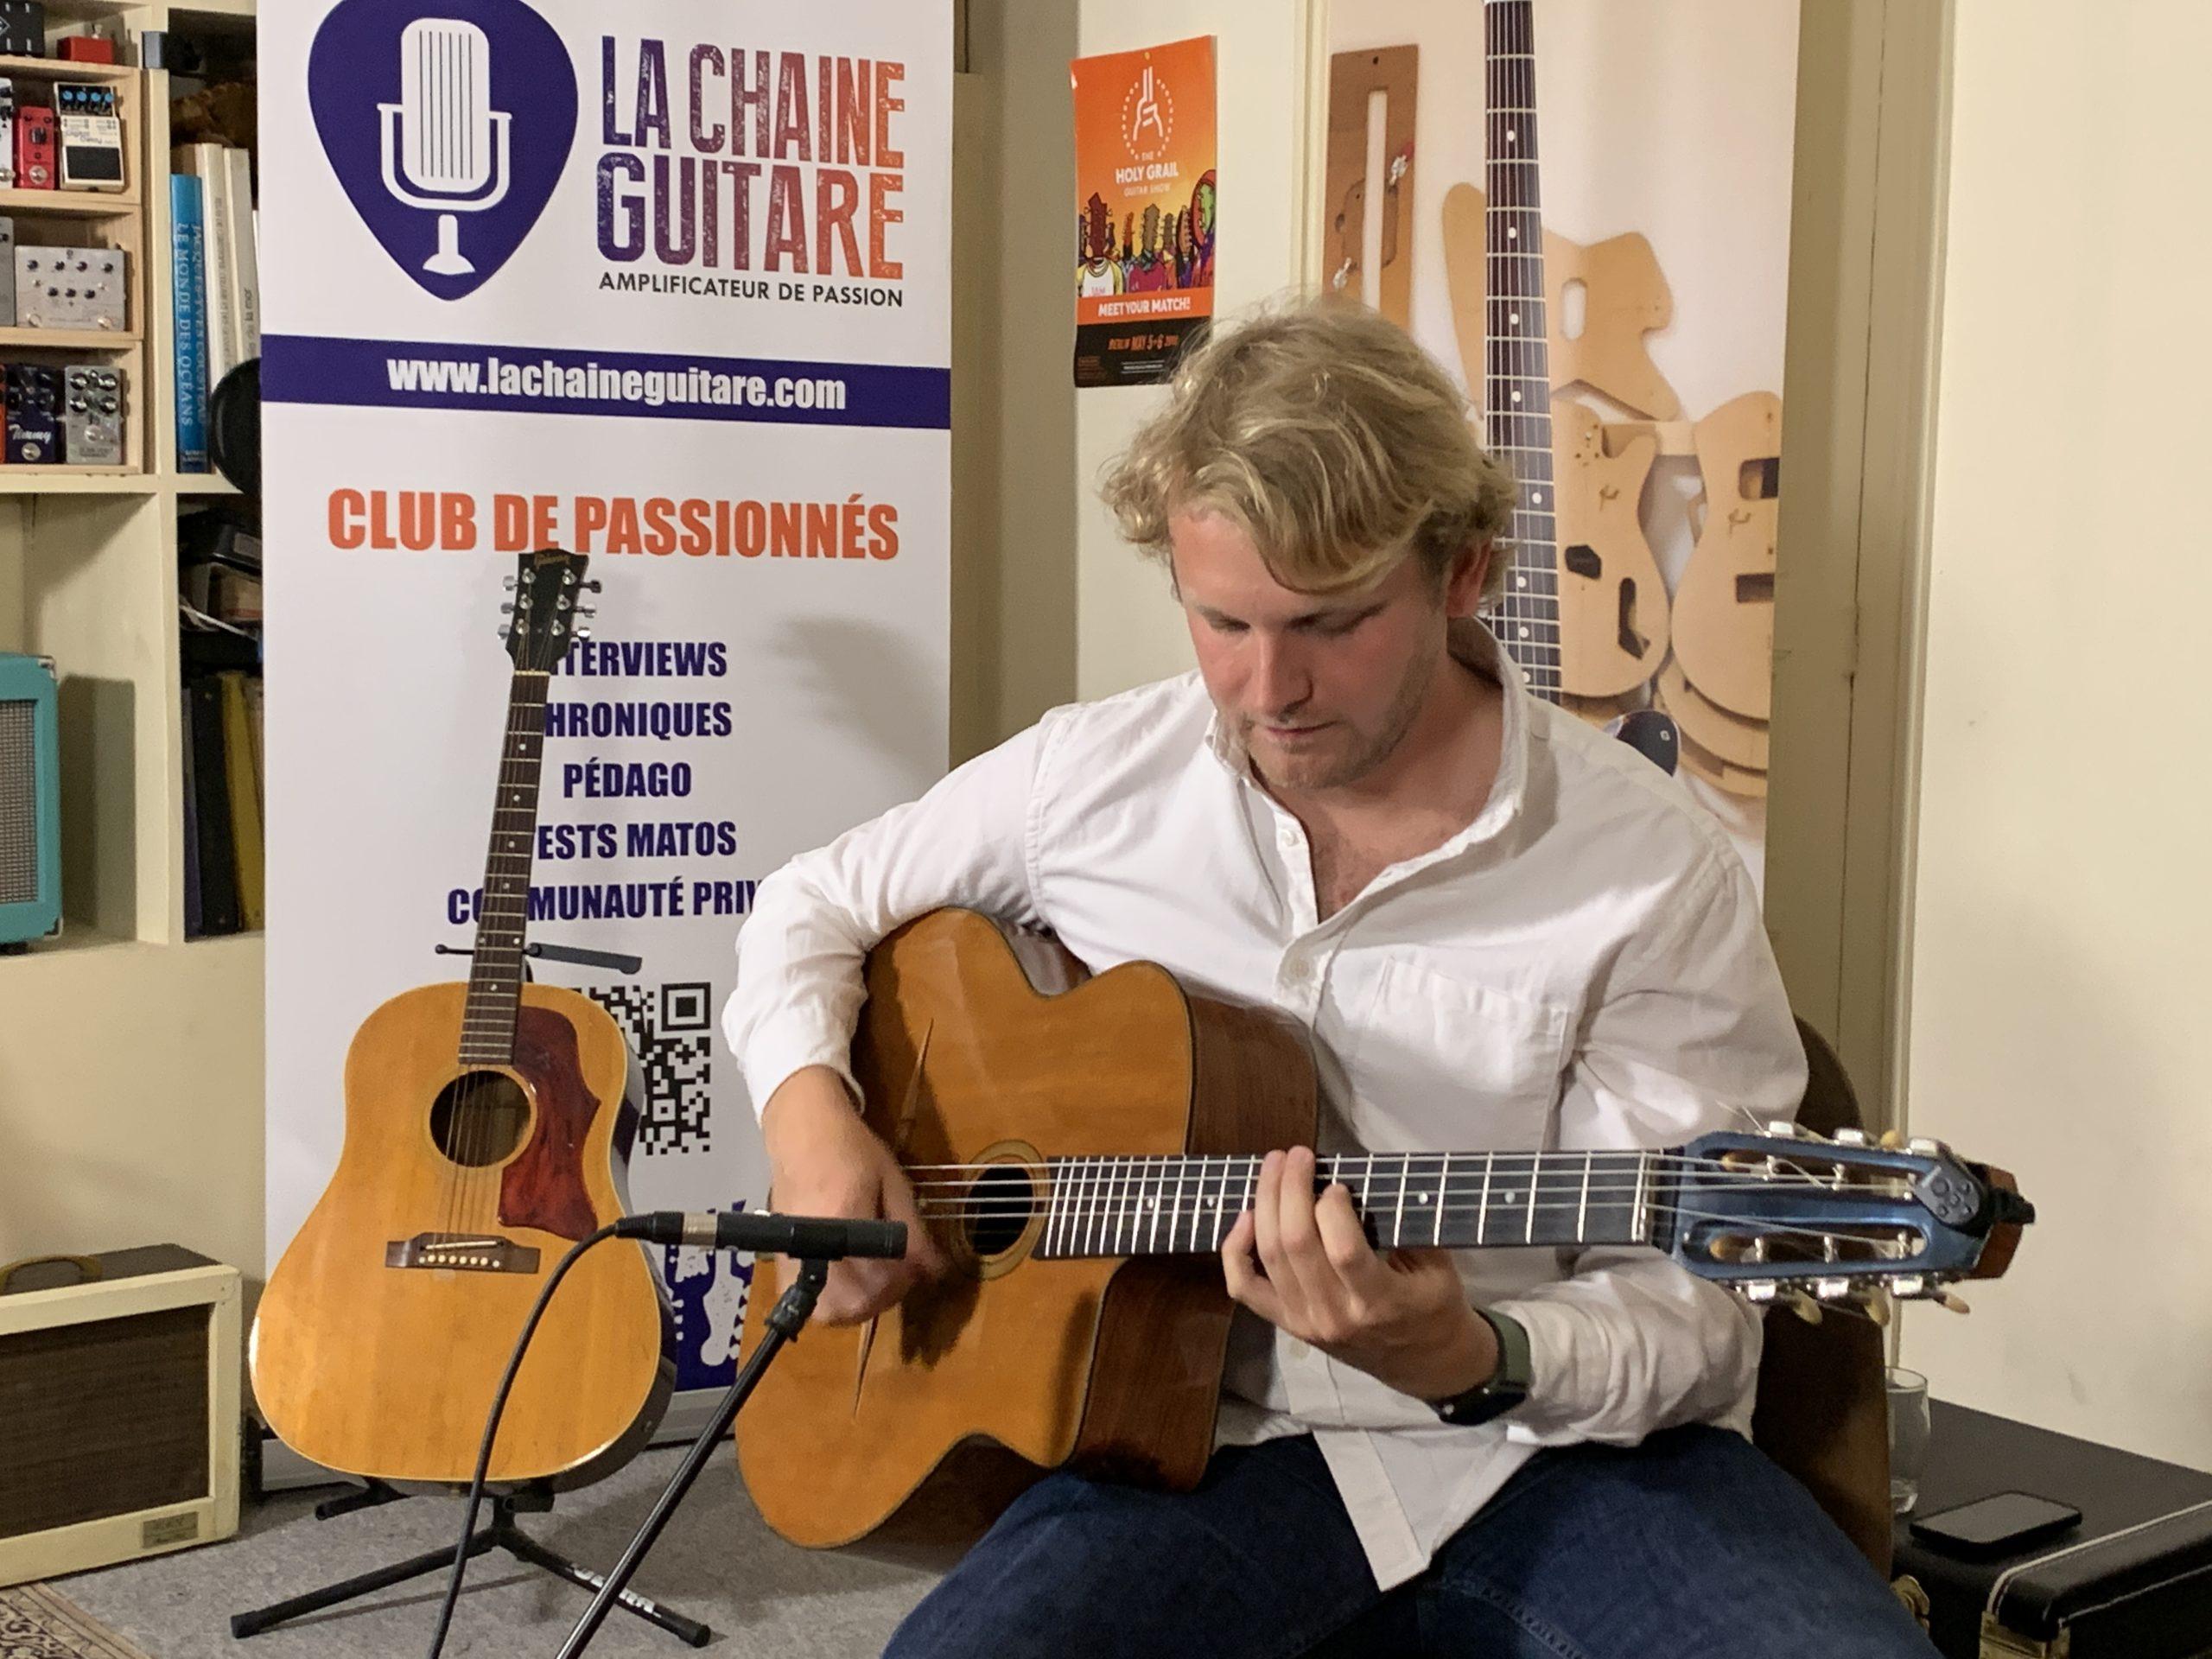 Fanou Torracinta, interview guitare à la main au sujet de son premier album